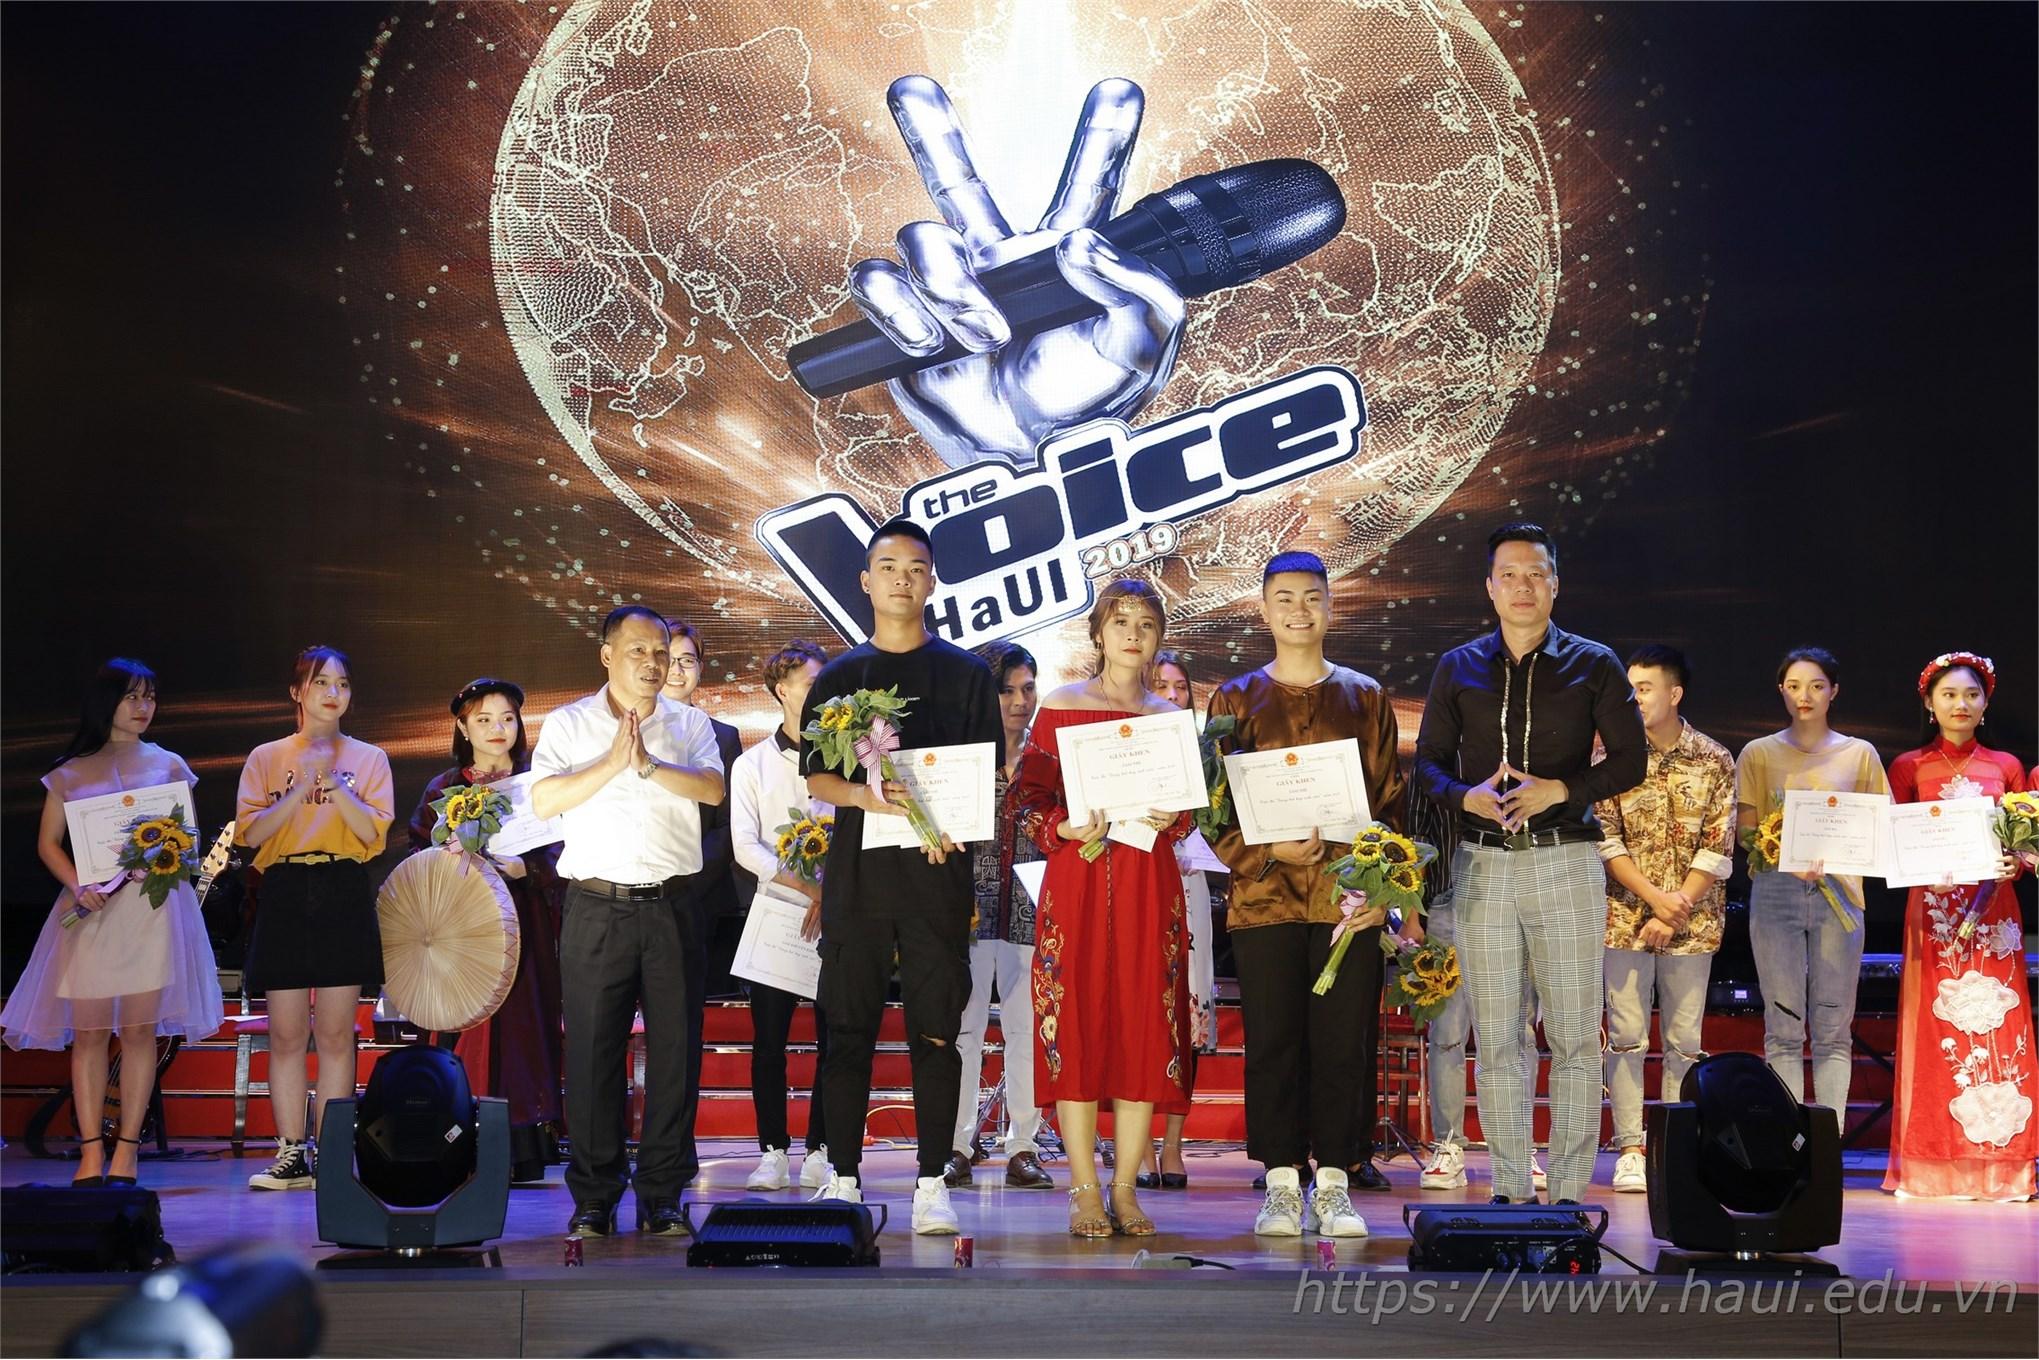 TS. Nguyễn Anh Tuấn - Phó Hiệu trưởng Nhà trường và ca sĩ Xuân Hảo trao giải Nhì cho các thí sinh